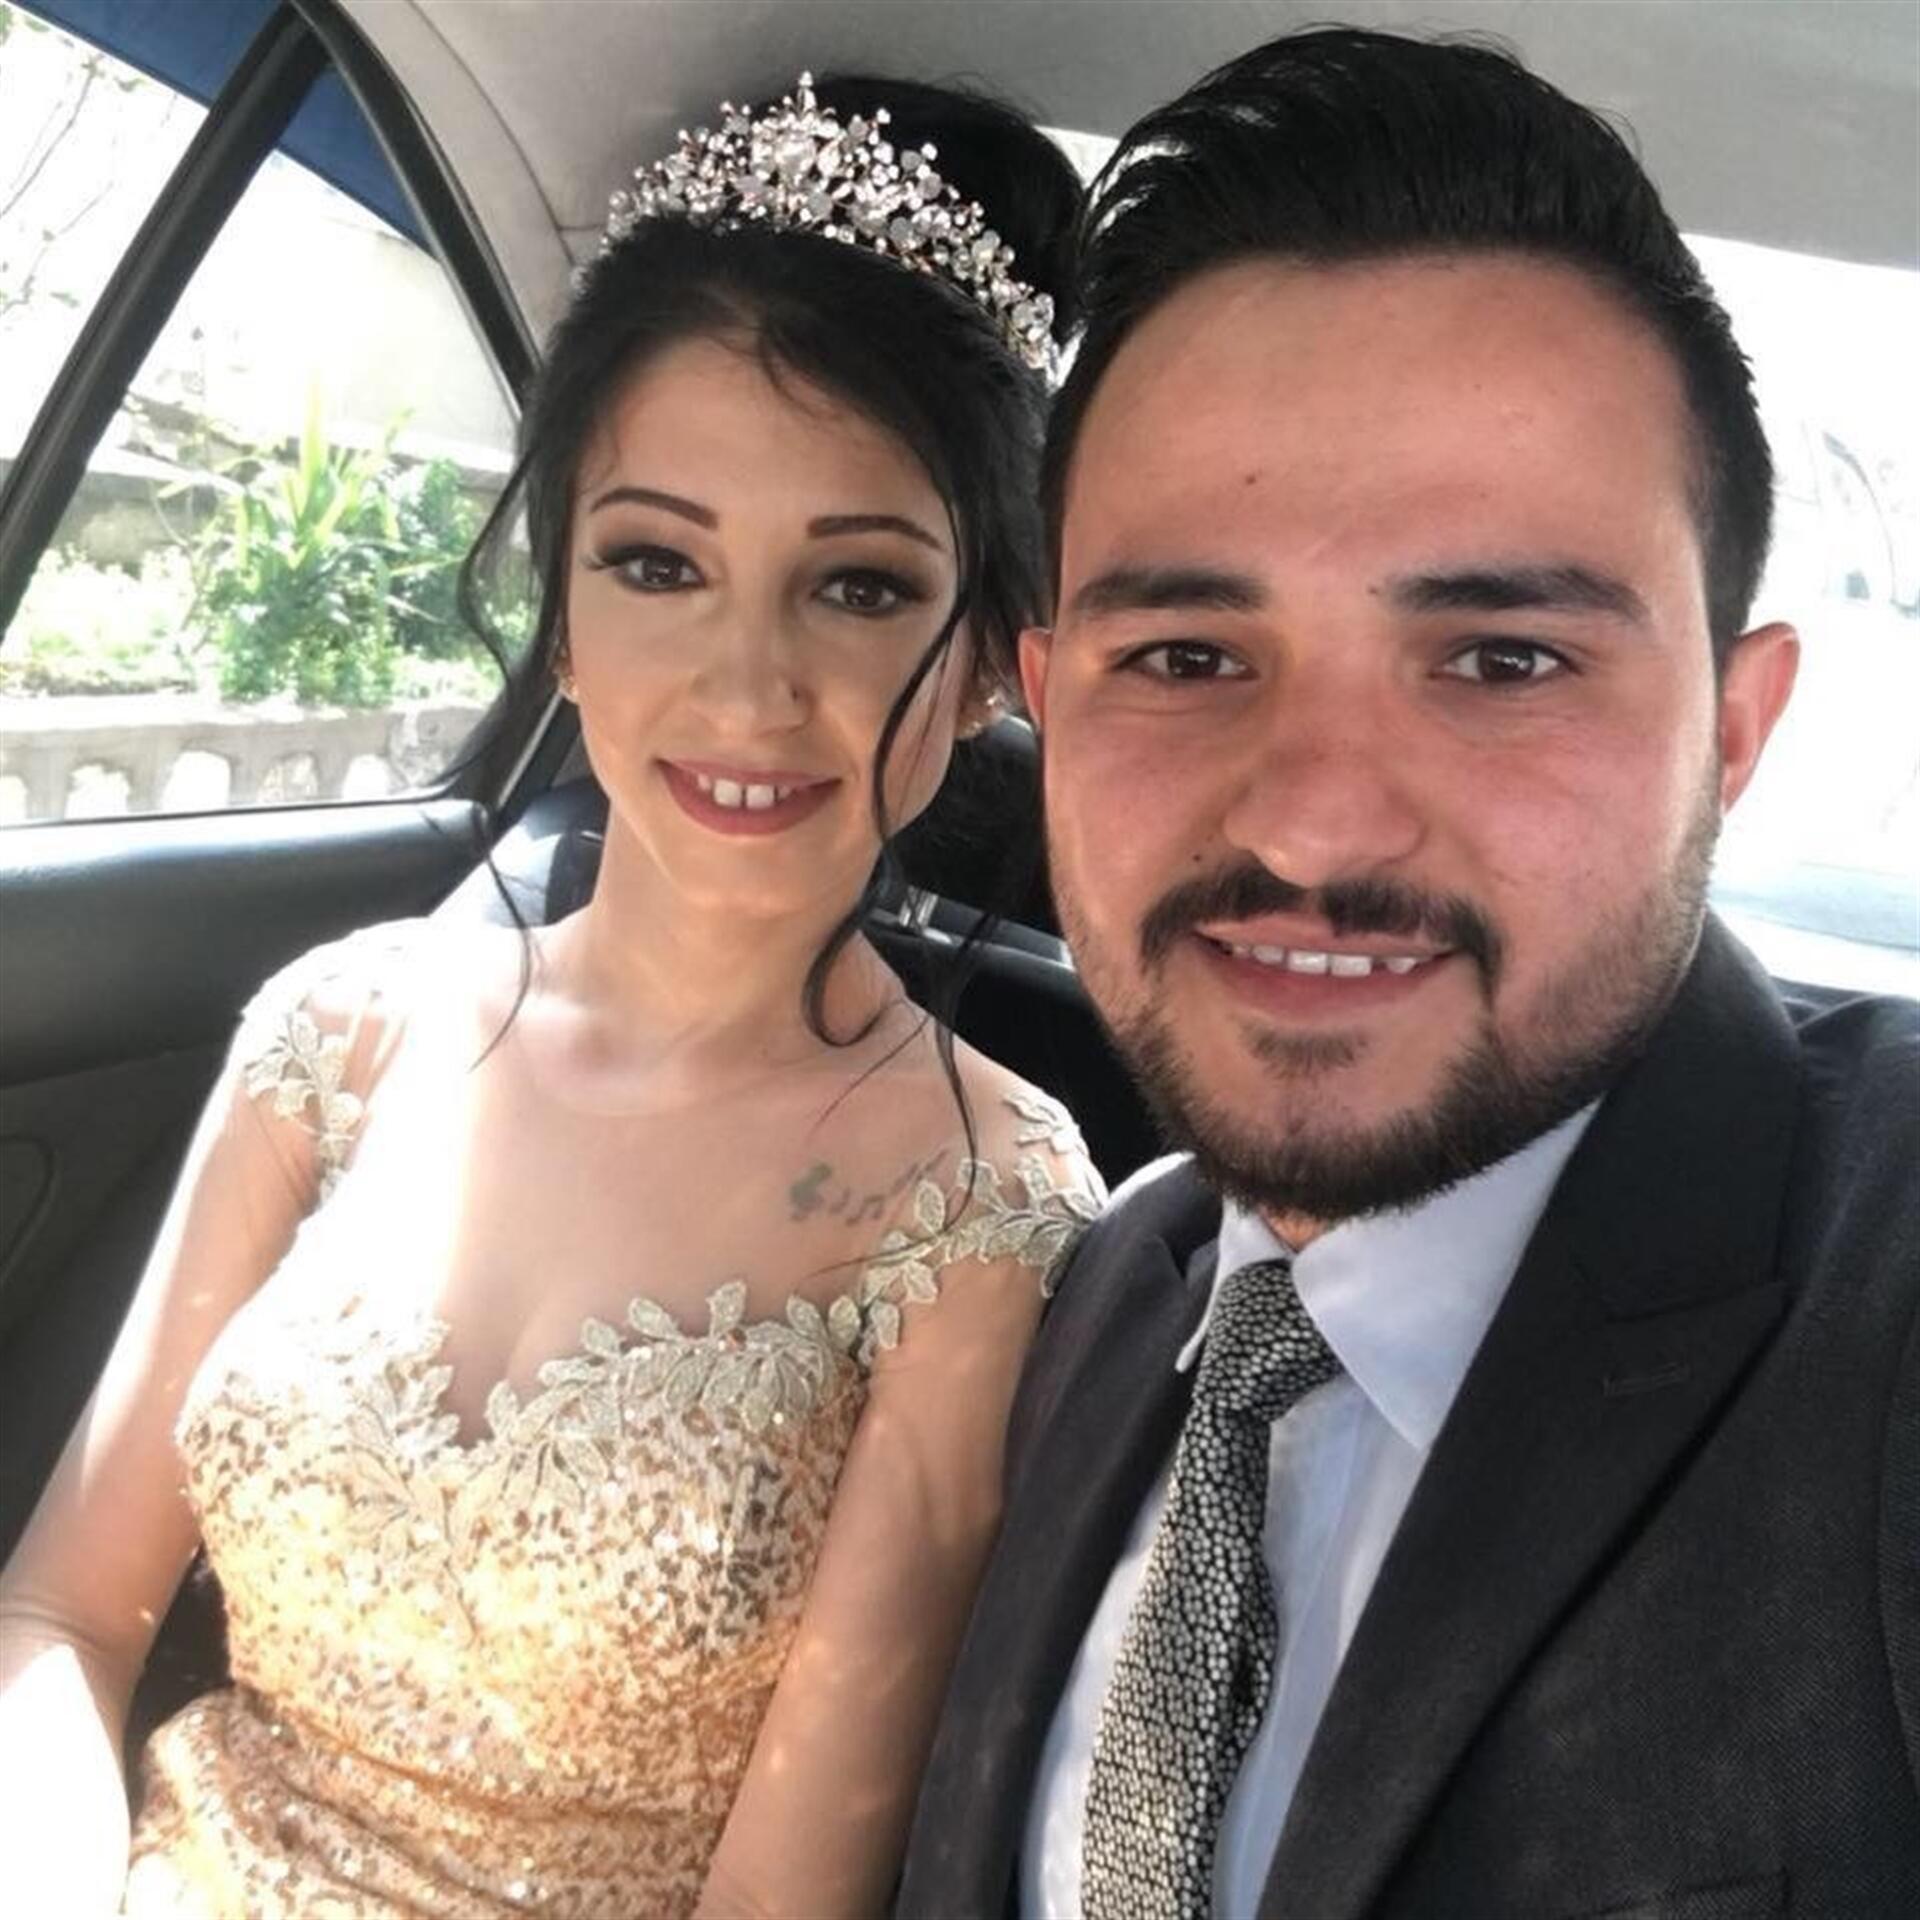 Araçta kocasını bekleyen hamile kadın neye uğradığını şaşırdı son dakika haberler